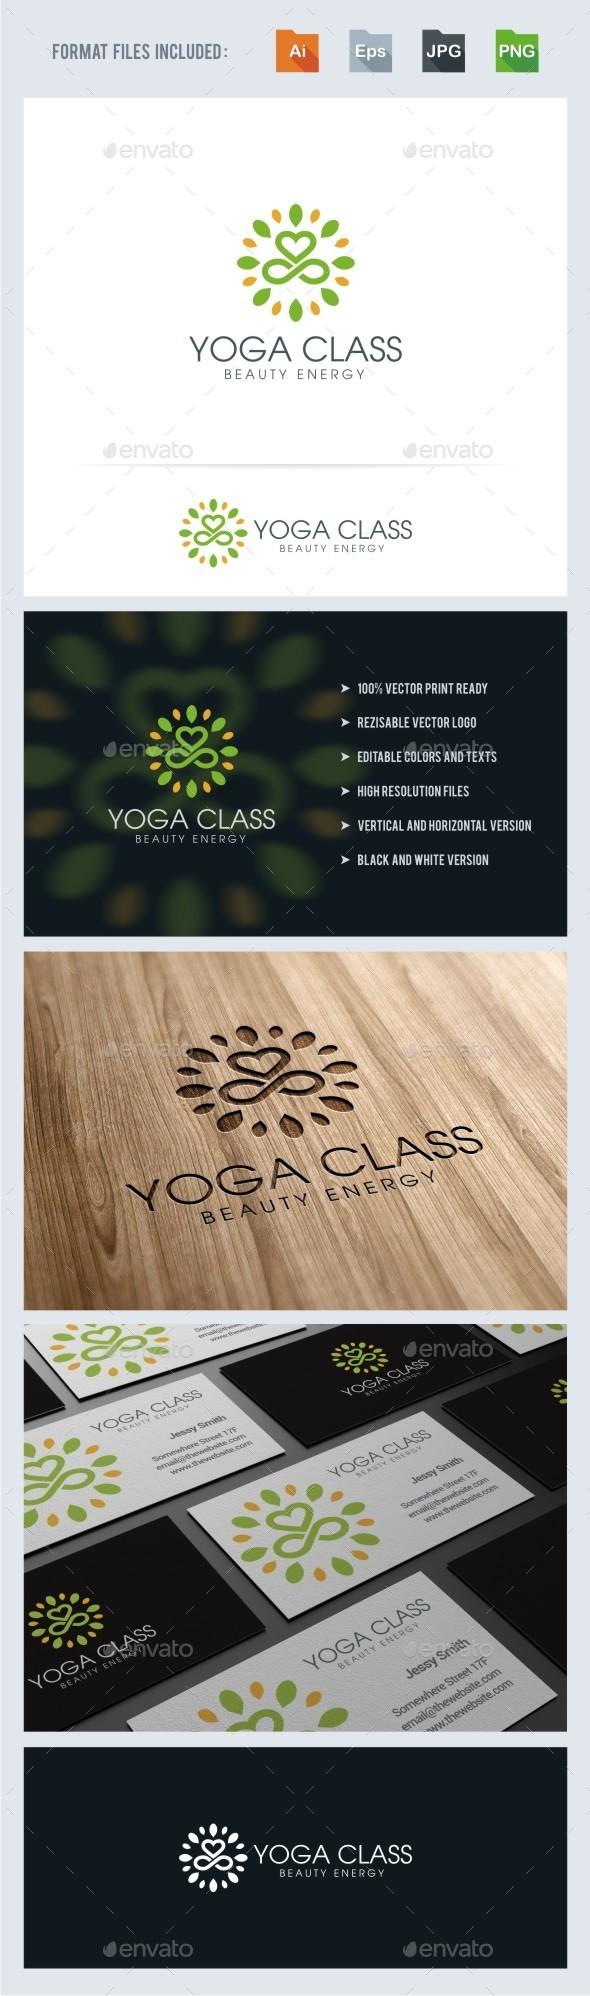 GraphicRiver Yoga Class Logo Template 11252485